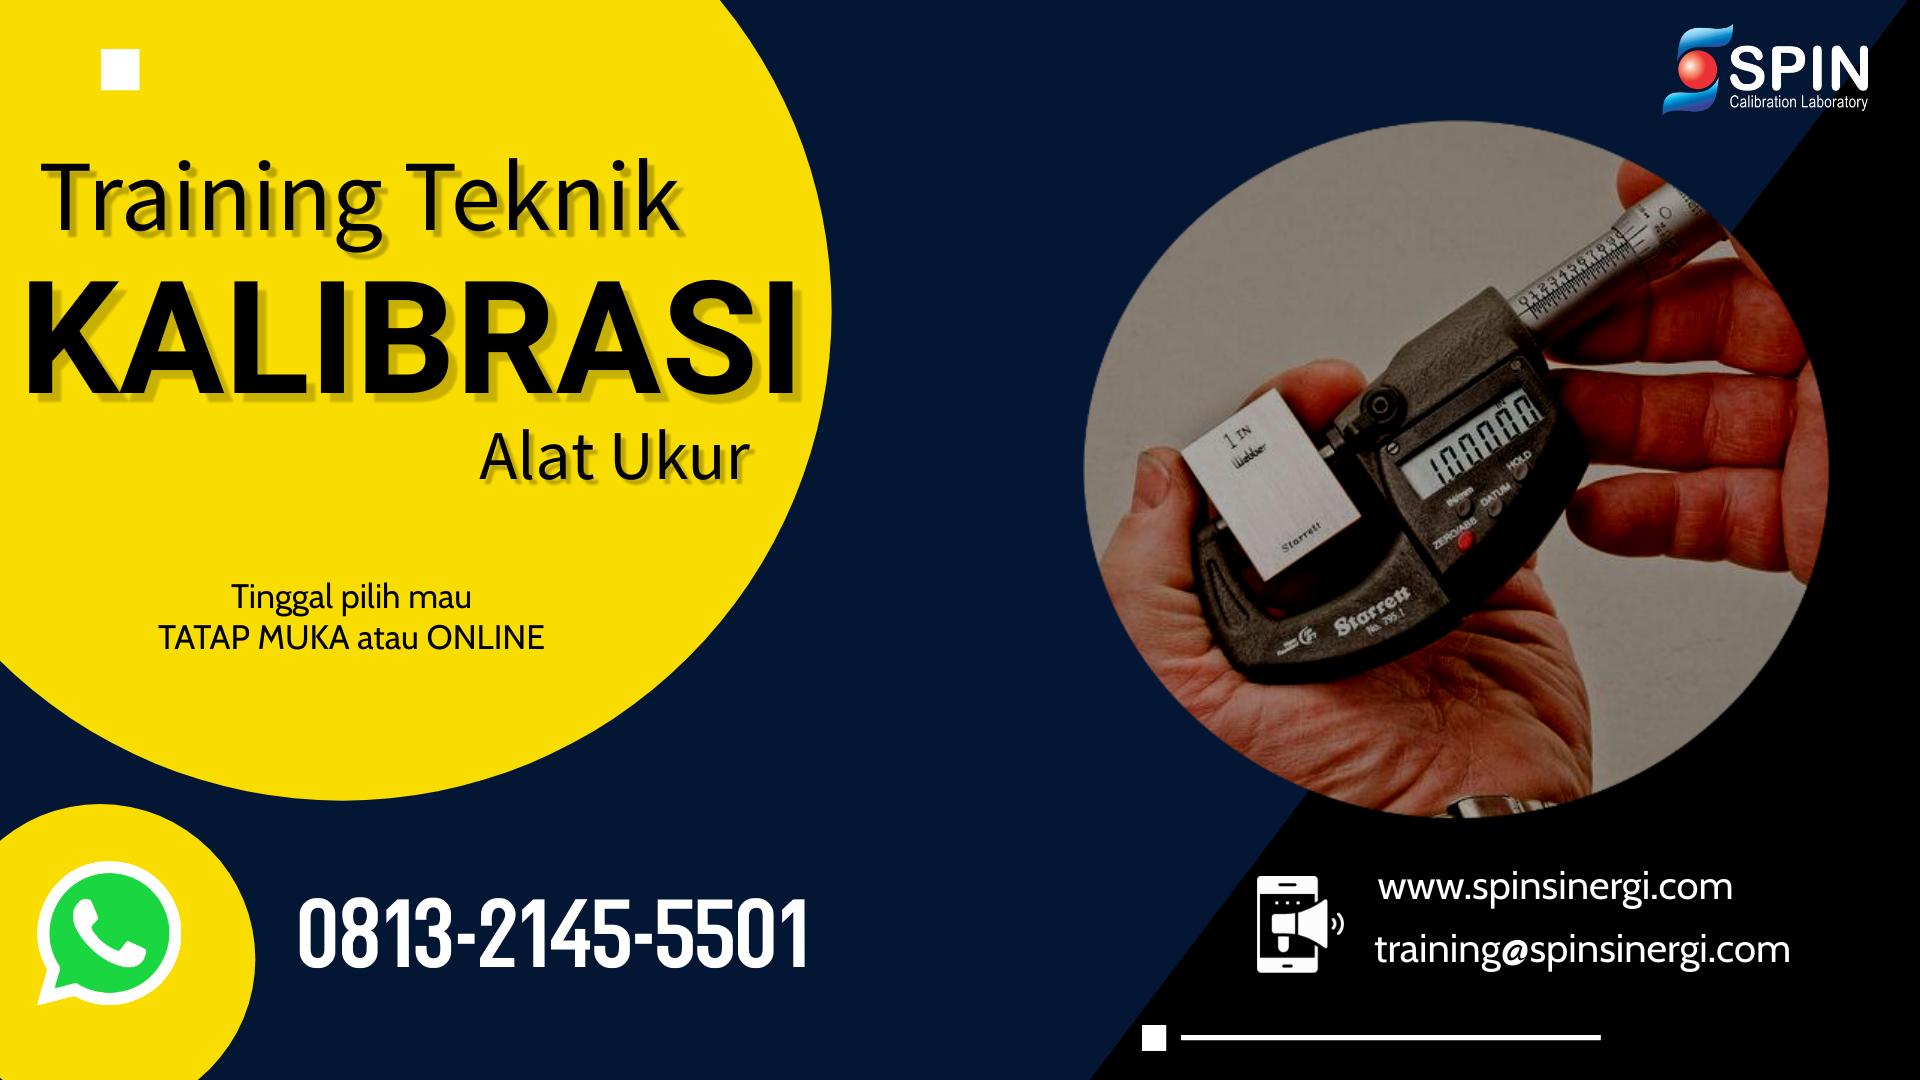 Training Teknik Kalibrasi Alat Ukur